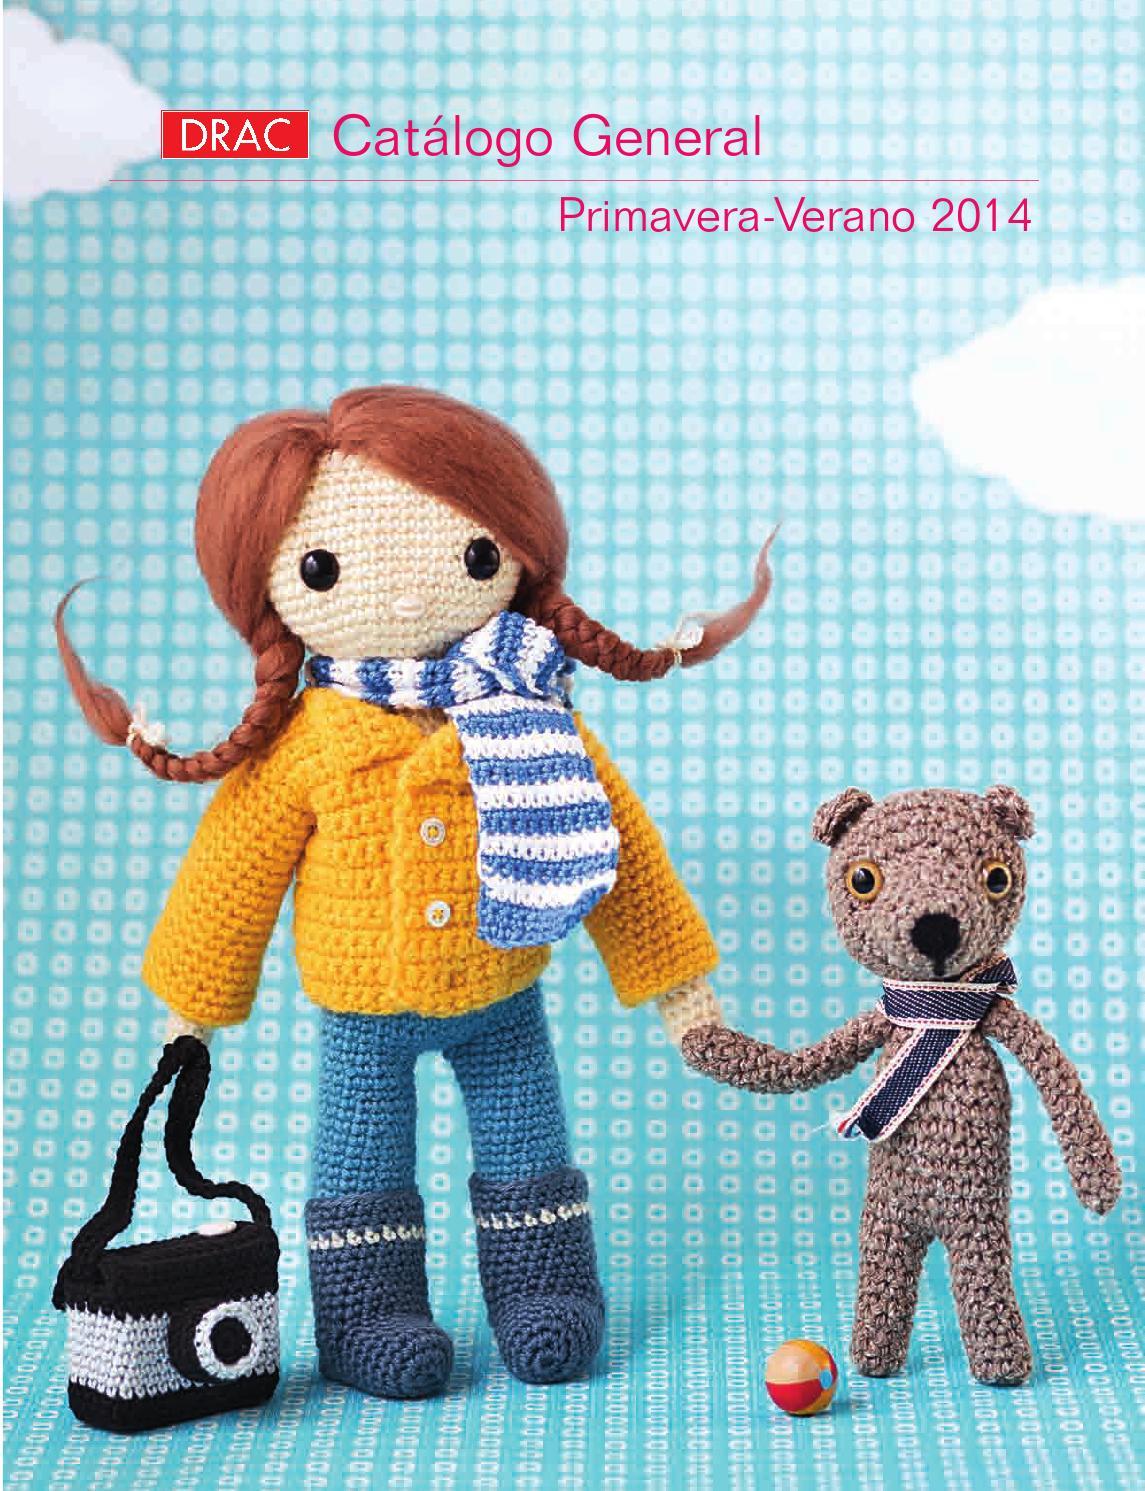 Catálogo drac primavera verano 2014 by Ediciones Tutor- Editorial El ...